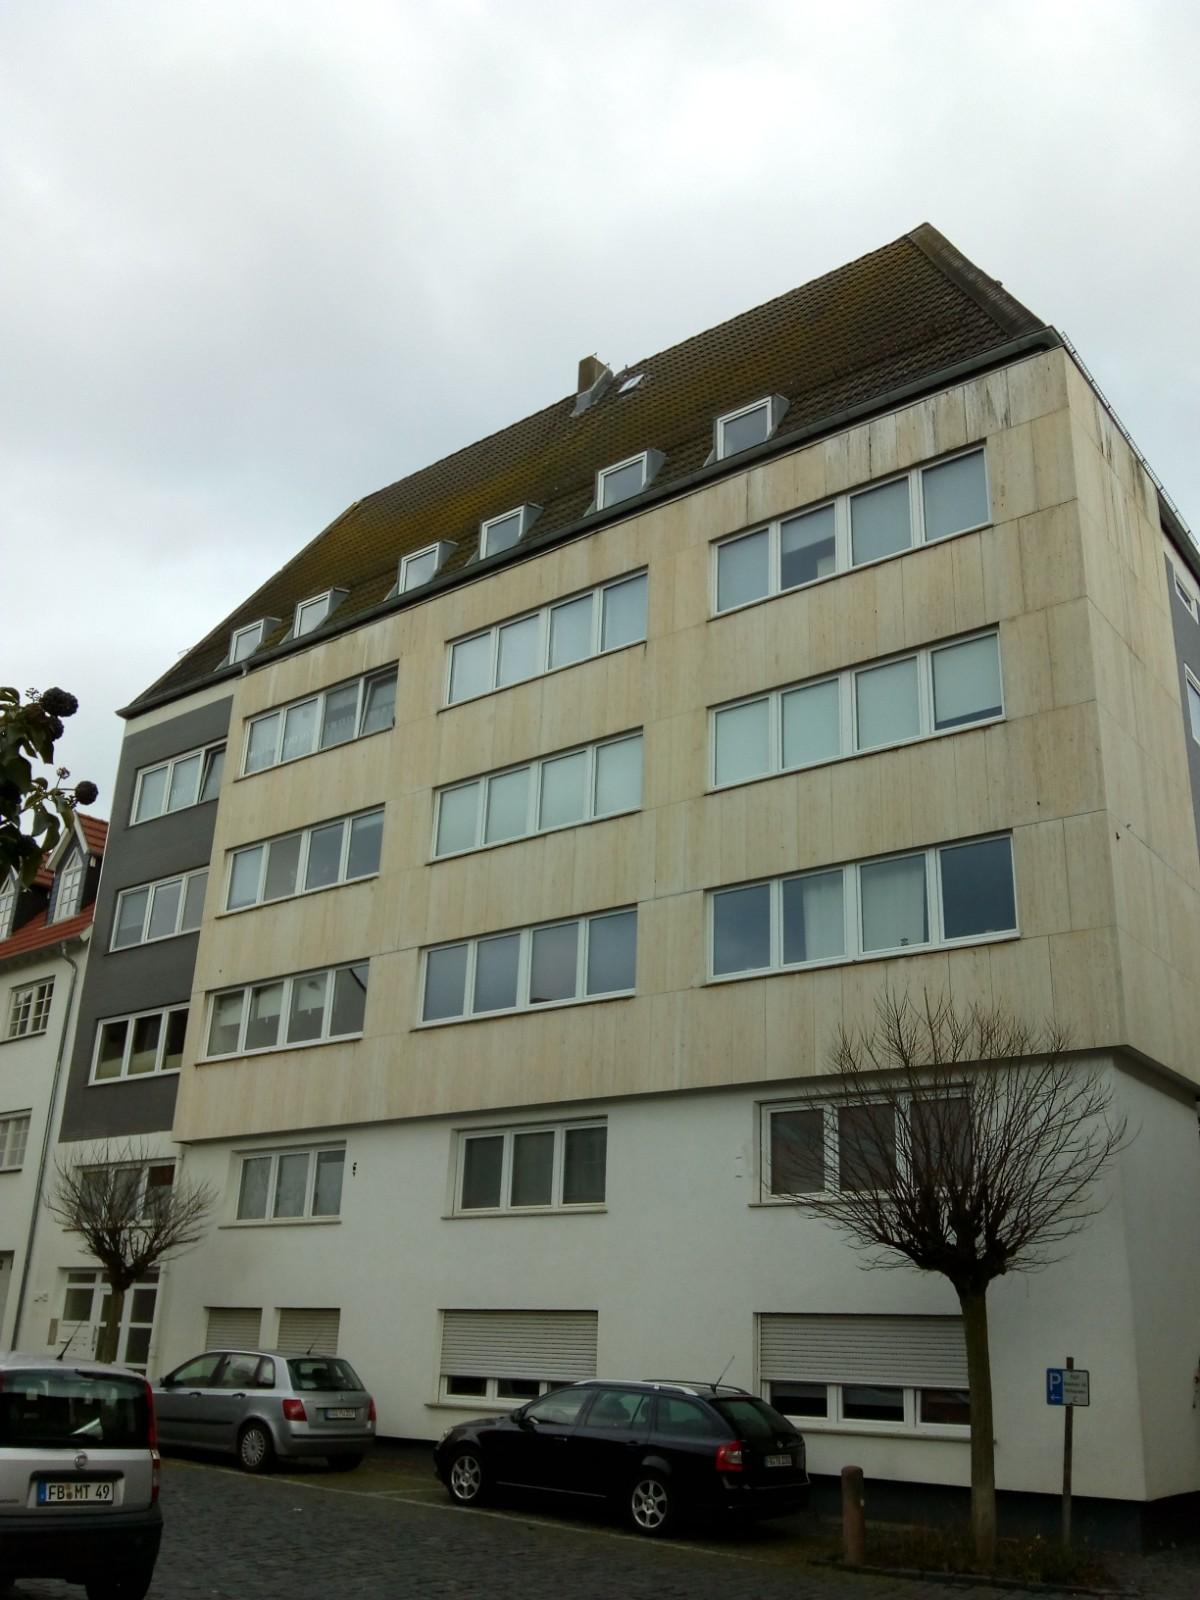 Mehrfamilienhaus in Butzbach - 12 Wohneinheiten